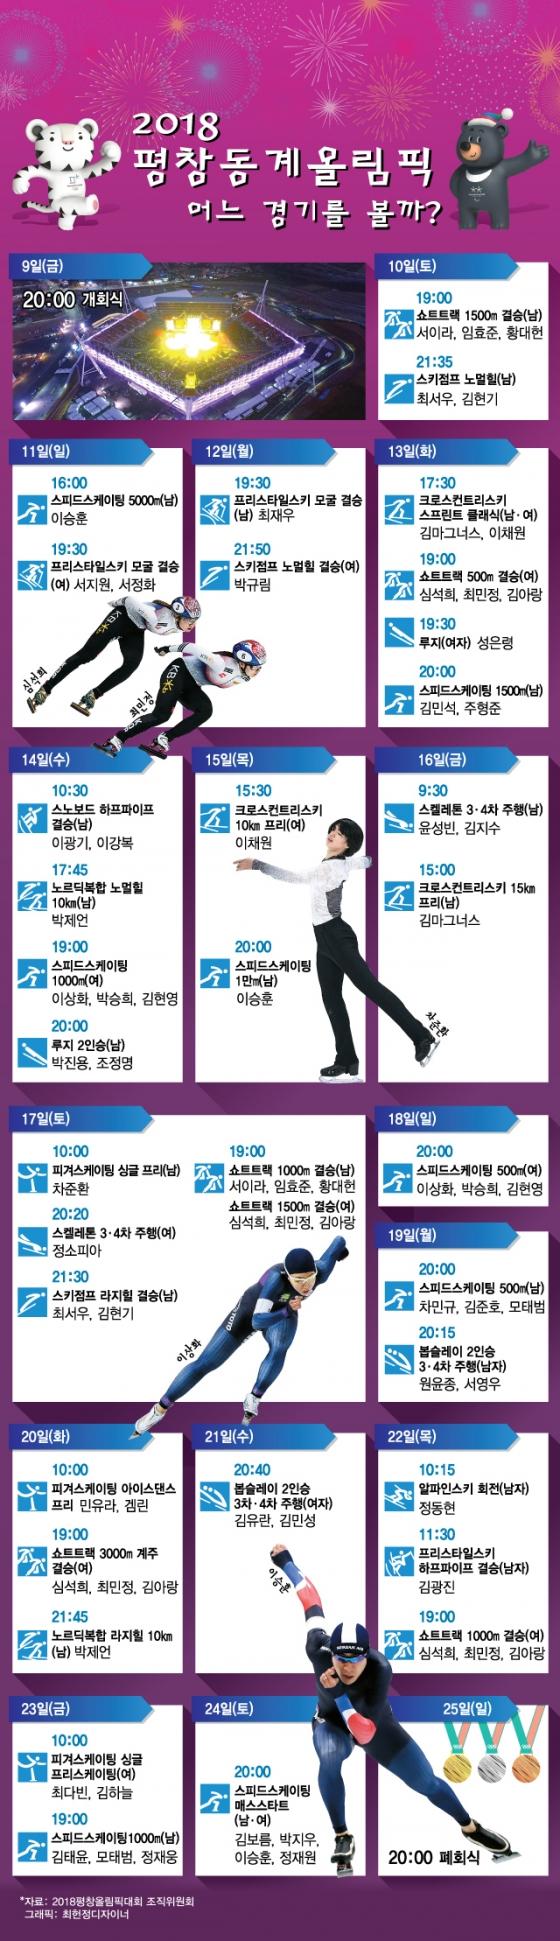 [그래픽뉴스] 평창동계올림픽 드디어 내일 개막! 놓치면 안되는 경기는?